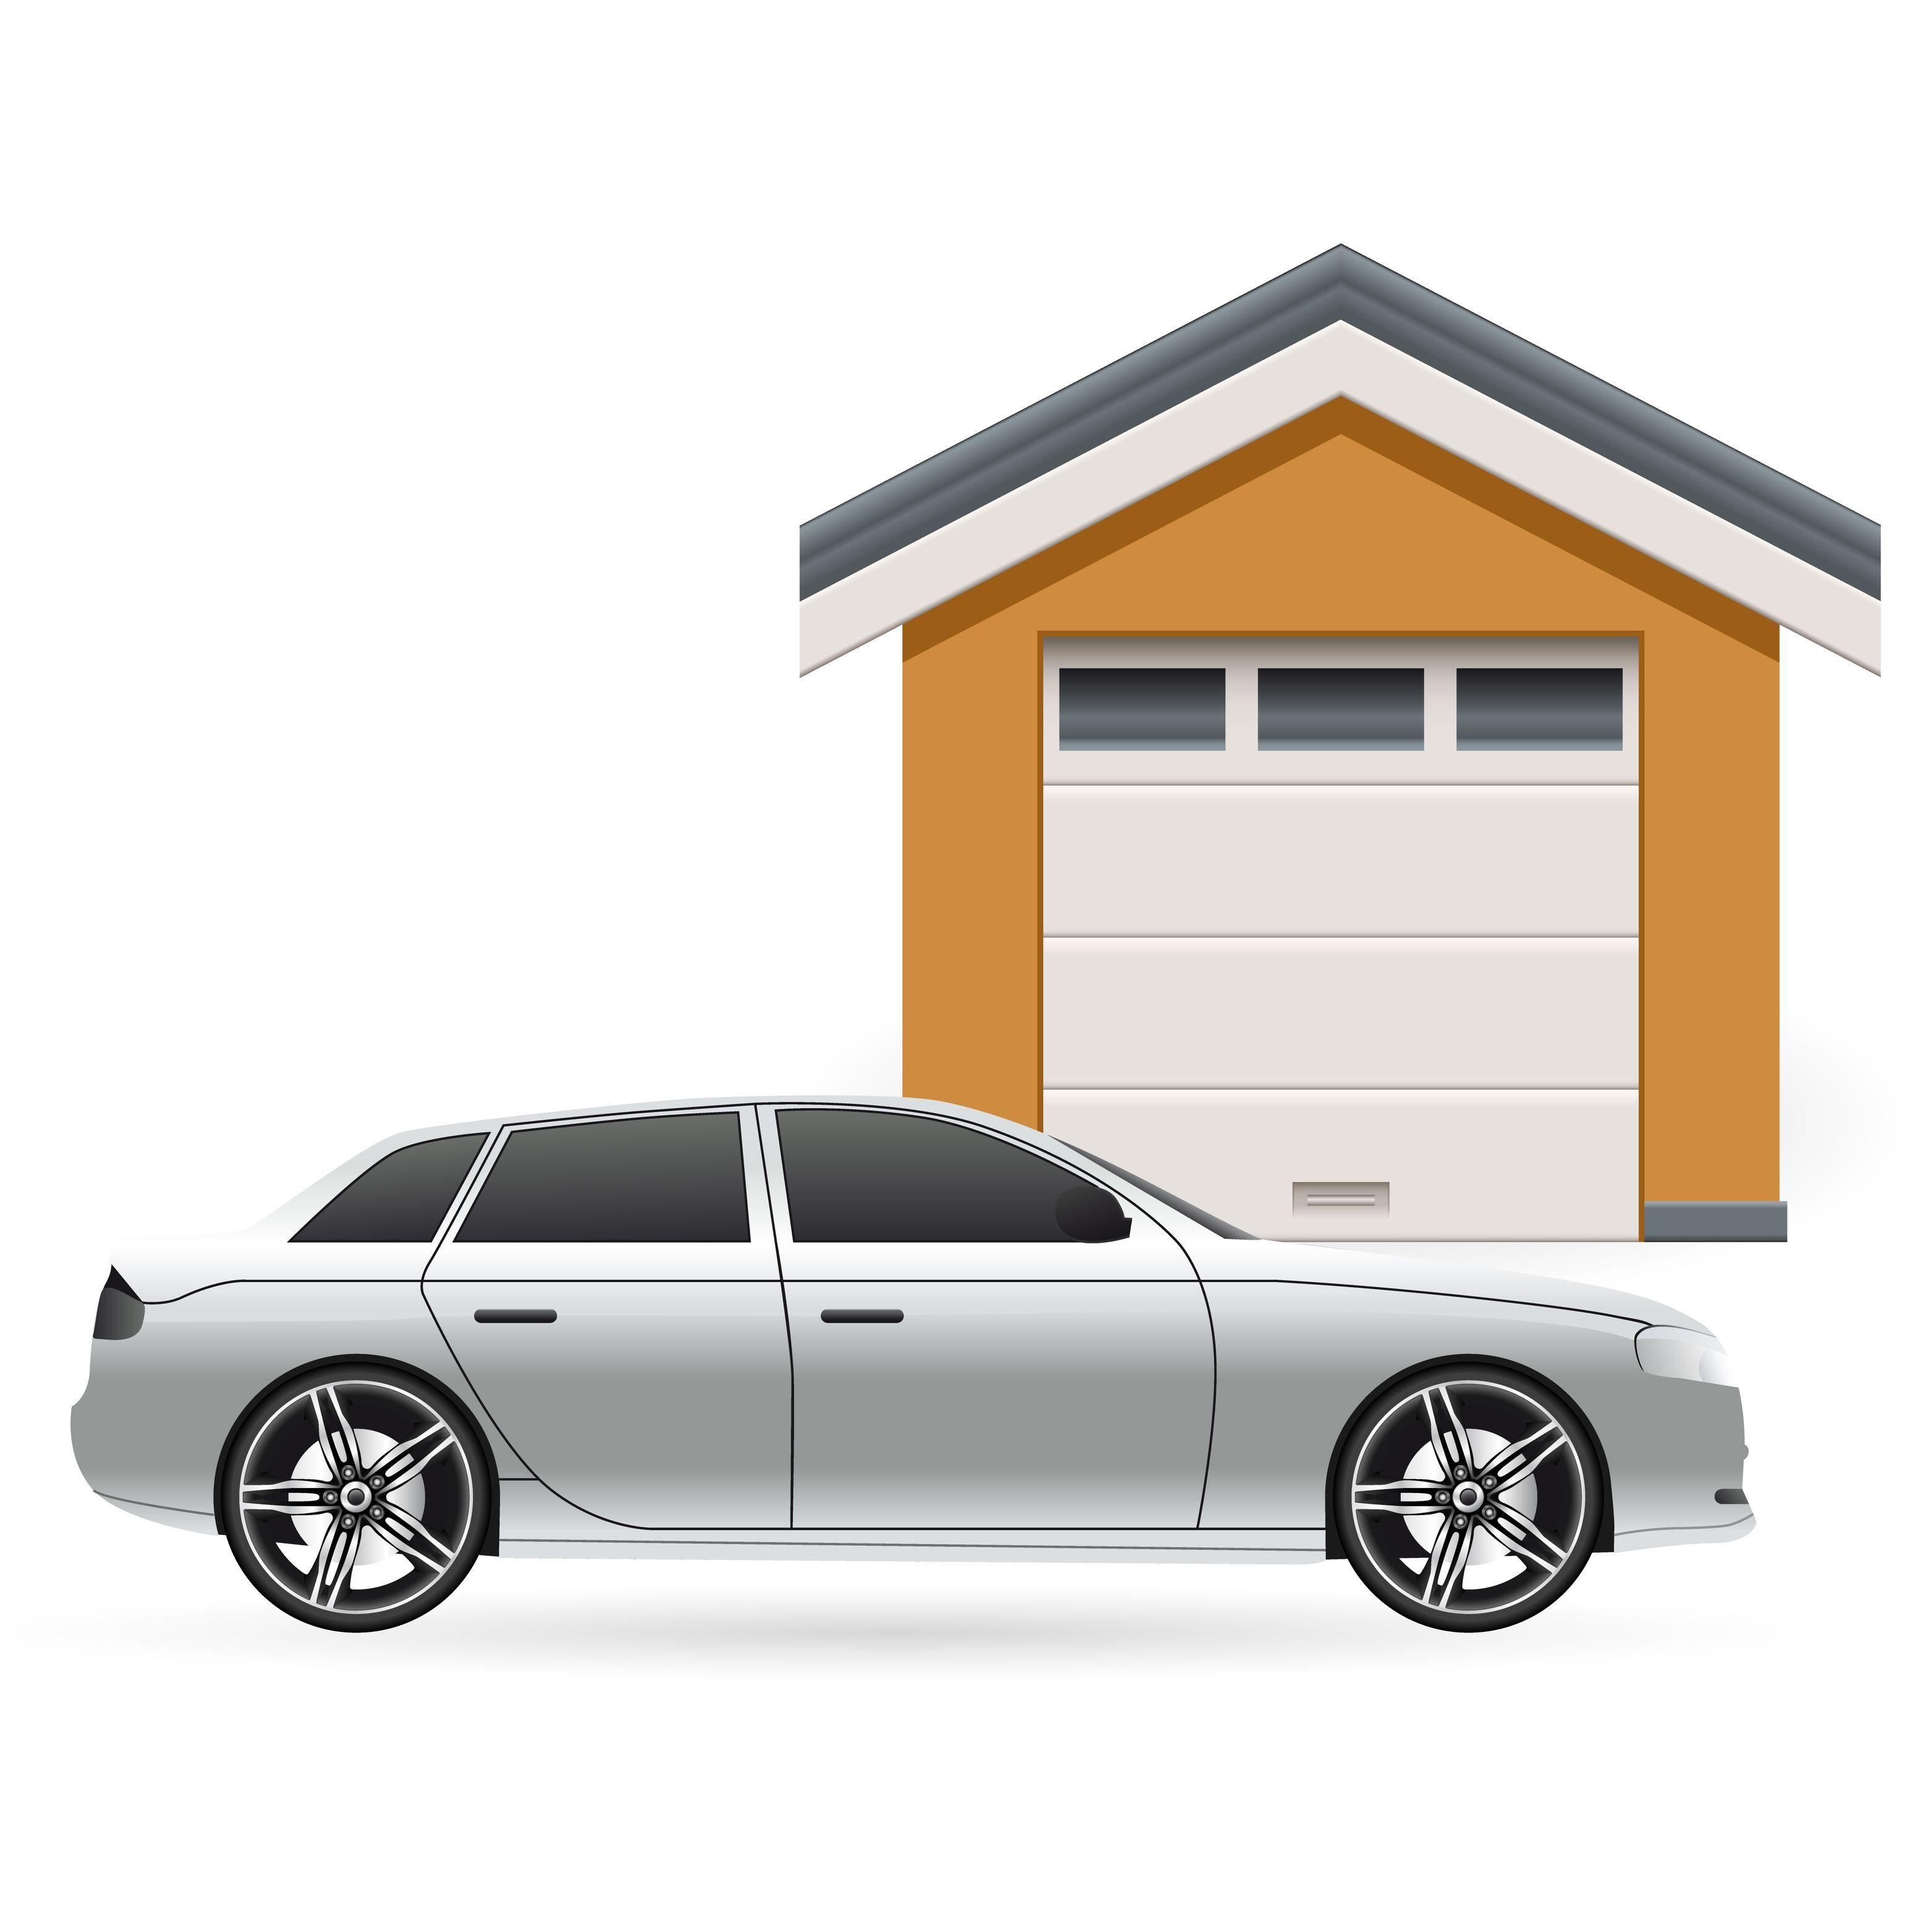 Homemade Screen Doors For Garage Door Opening Love This Idea Plus